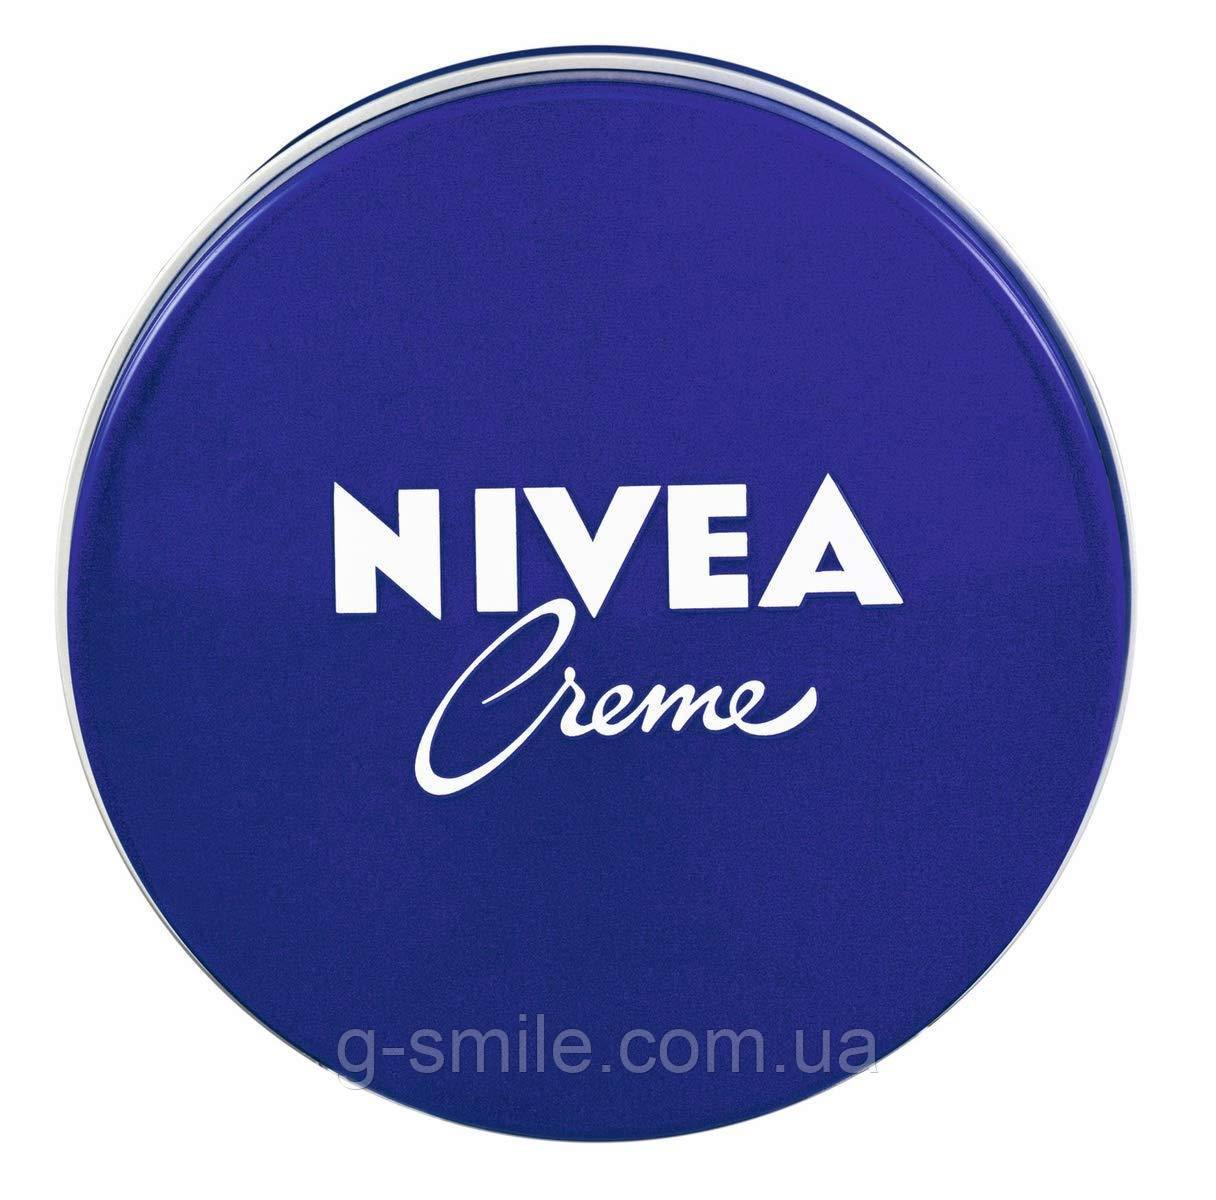 Крем классический Nivea 400 мл, крем для кожи всего тела, питательный увлажняющий